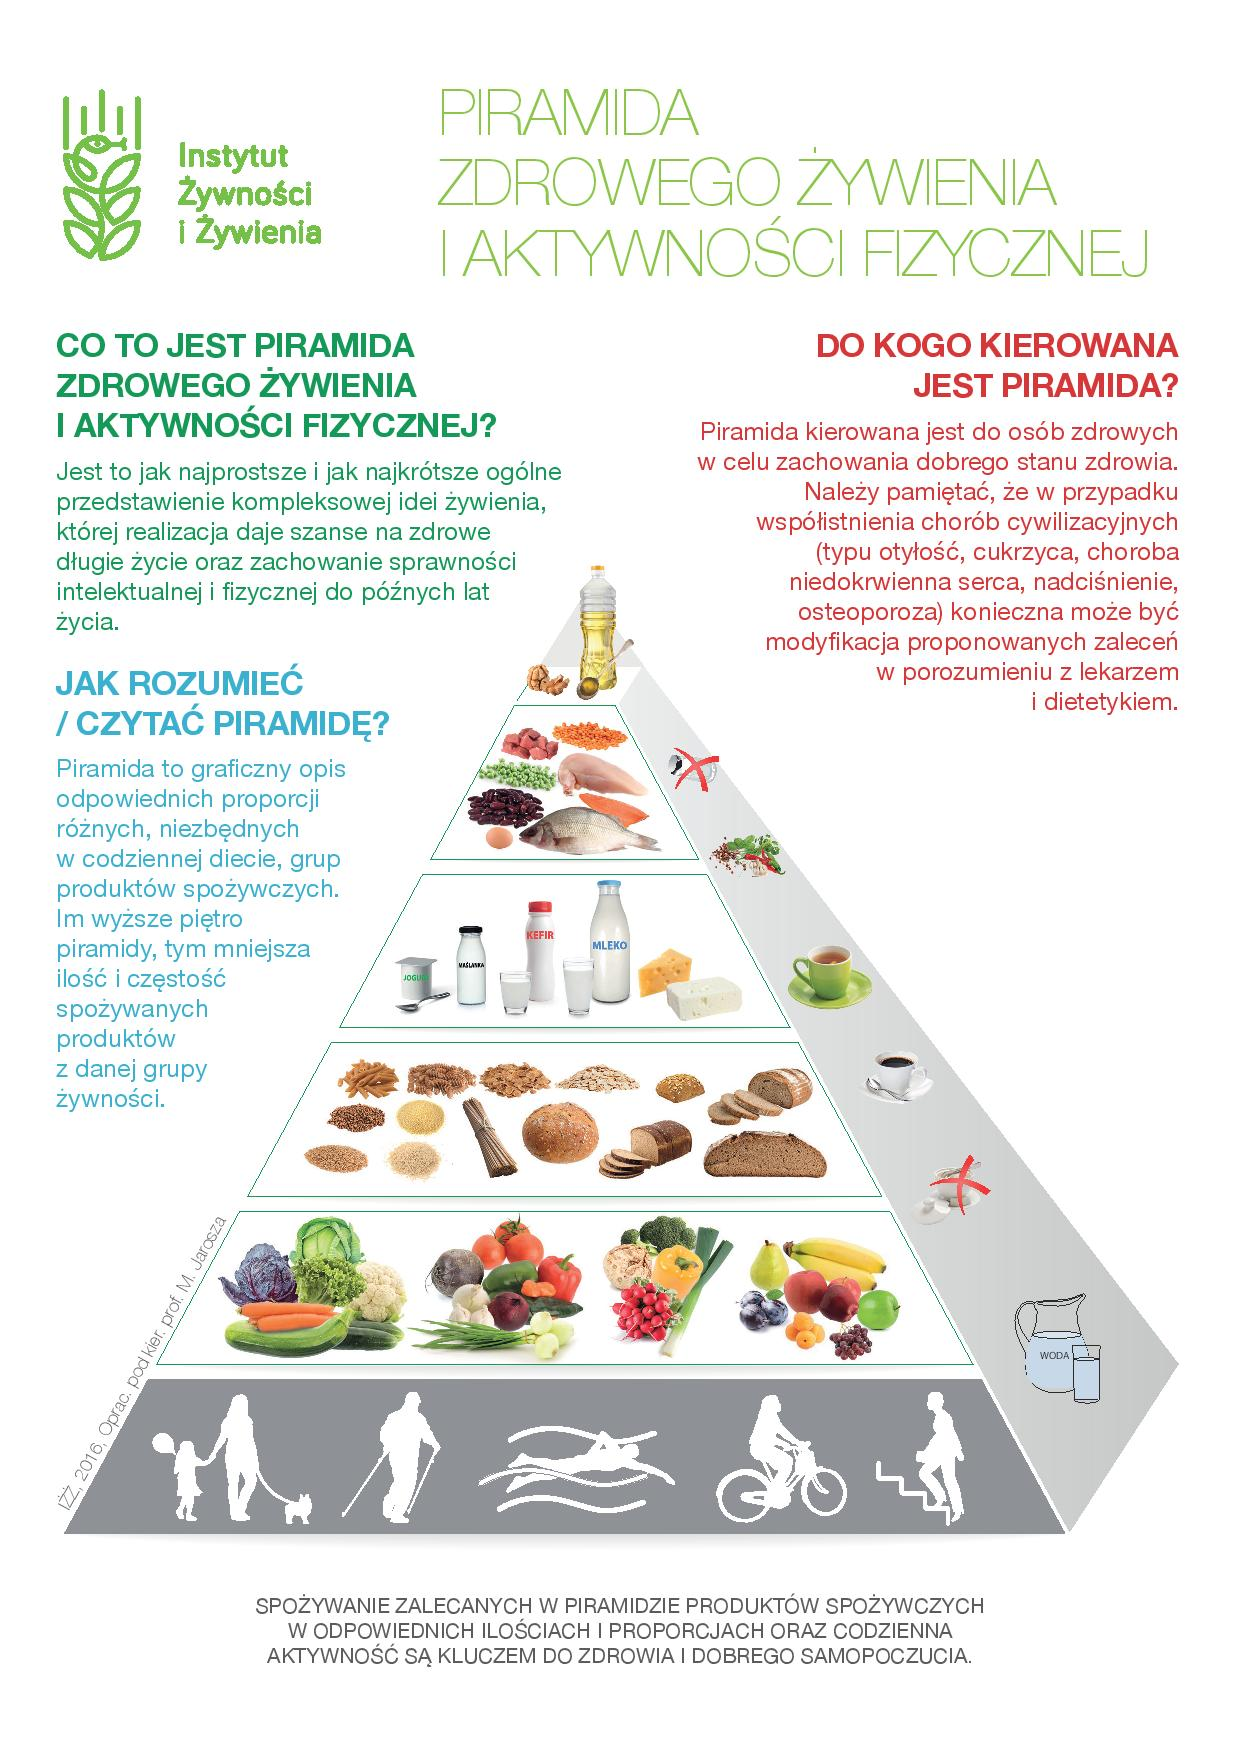 Fleksitarianizm piramida żywieniowa